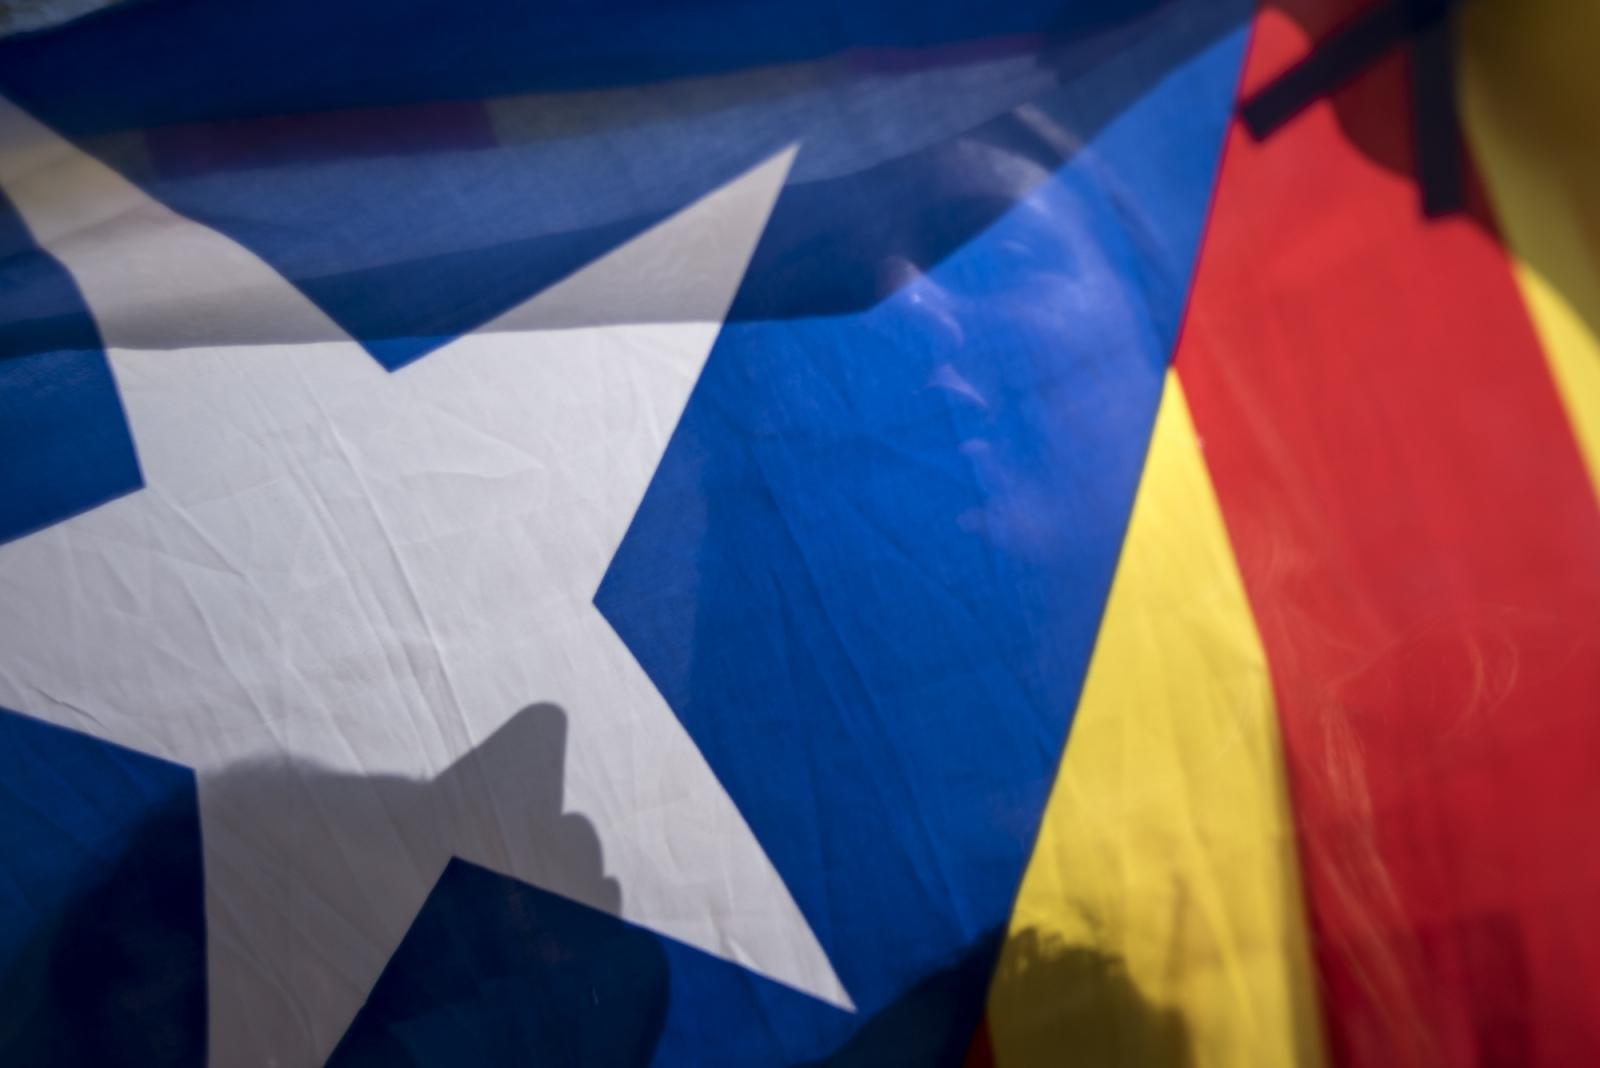 Photography image - Loading CatalanIndependence001.JPG